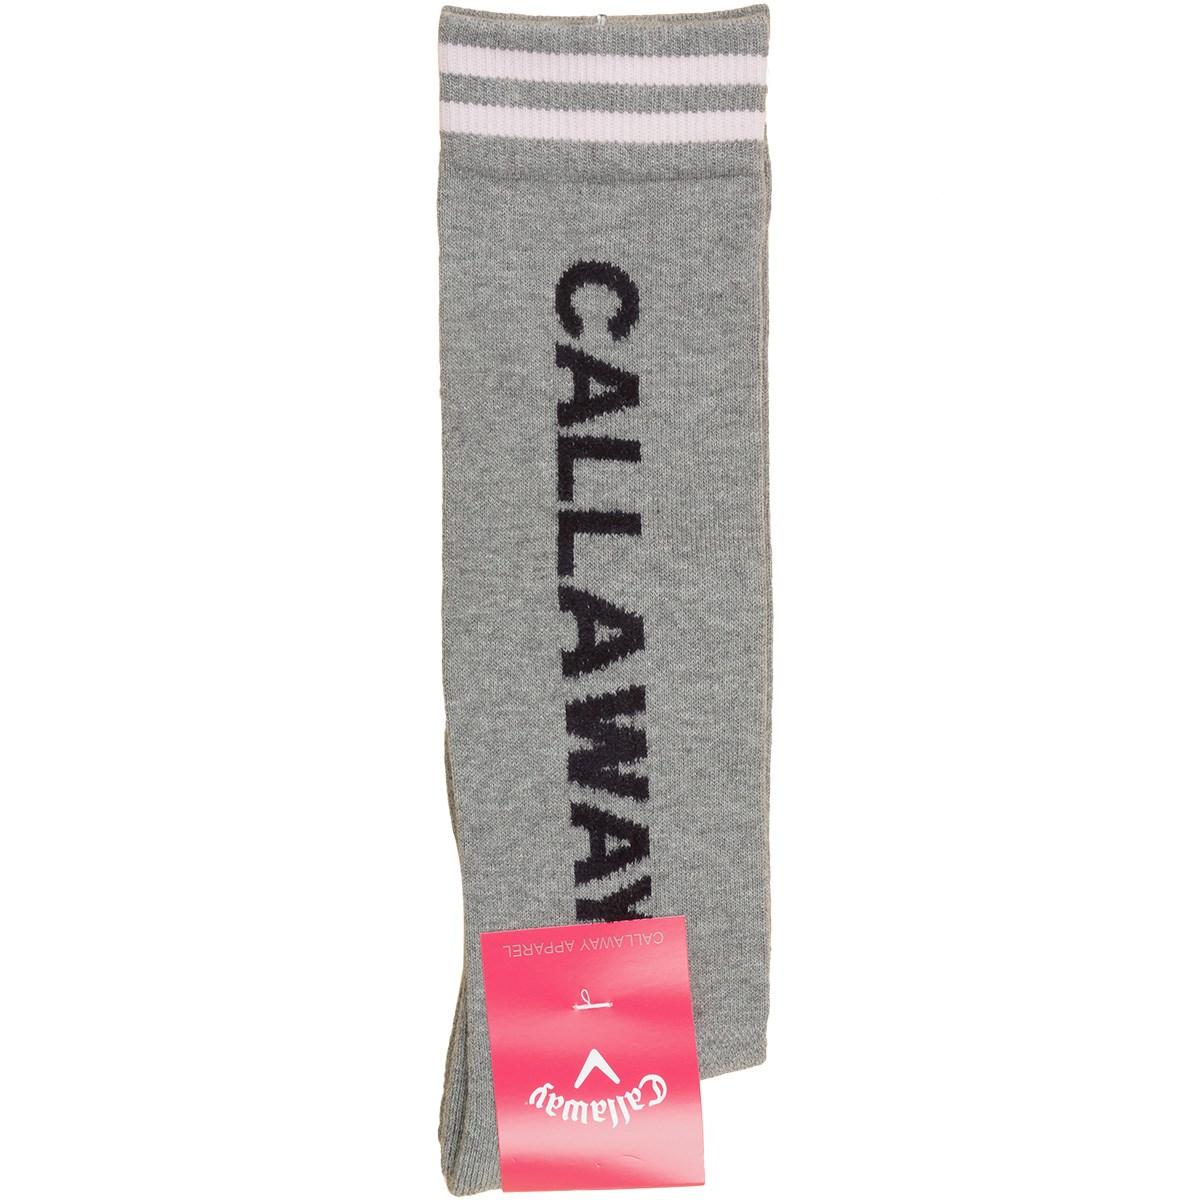 キャロウェイゴルフ Callaway Golf ハイソックス フリー グレー 020 レディス